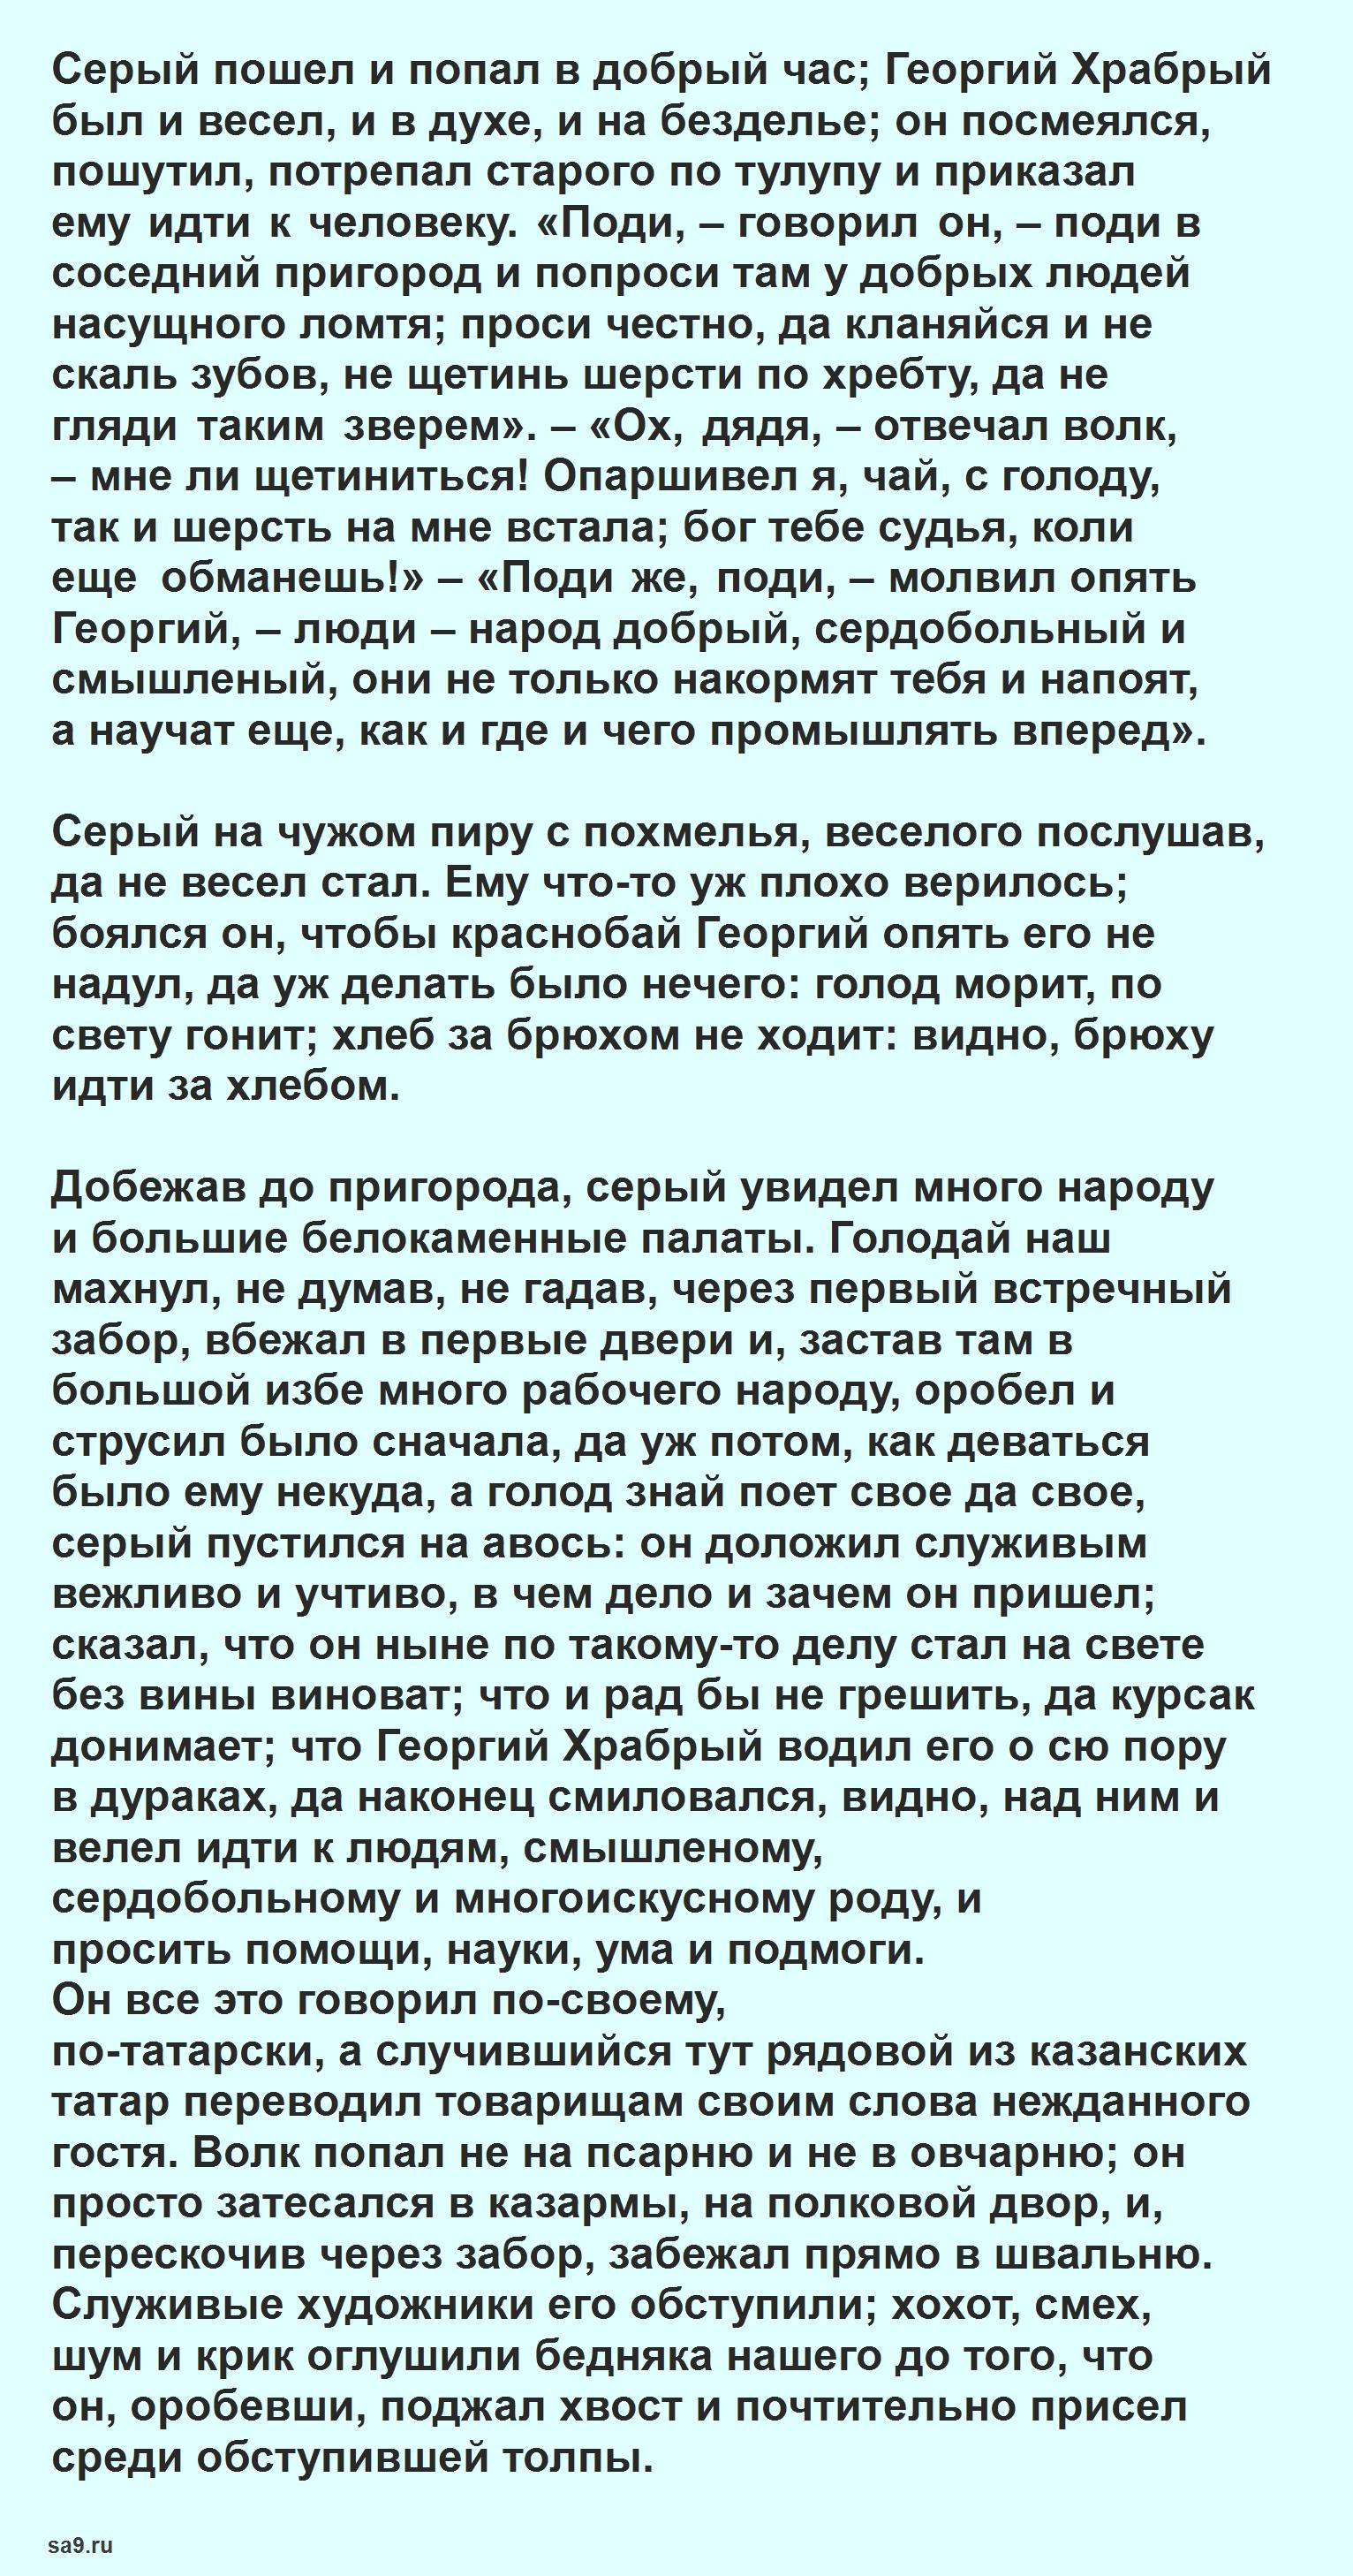 Читать интересную сказку - О Георгии Храбром и о волке, Даль